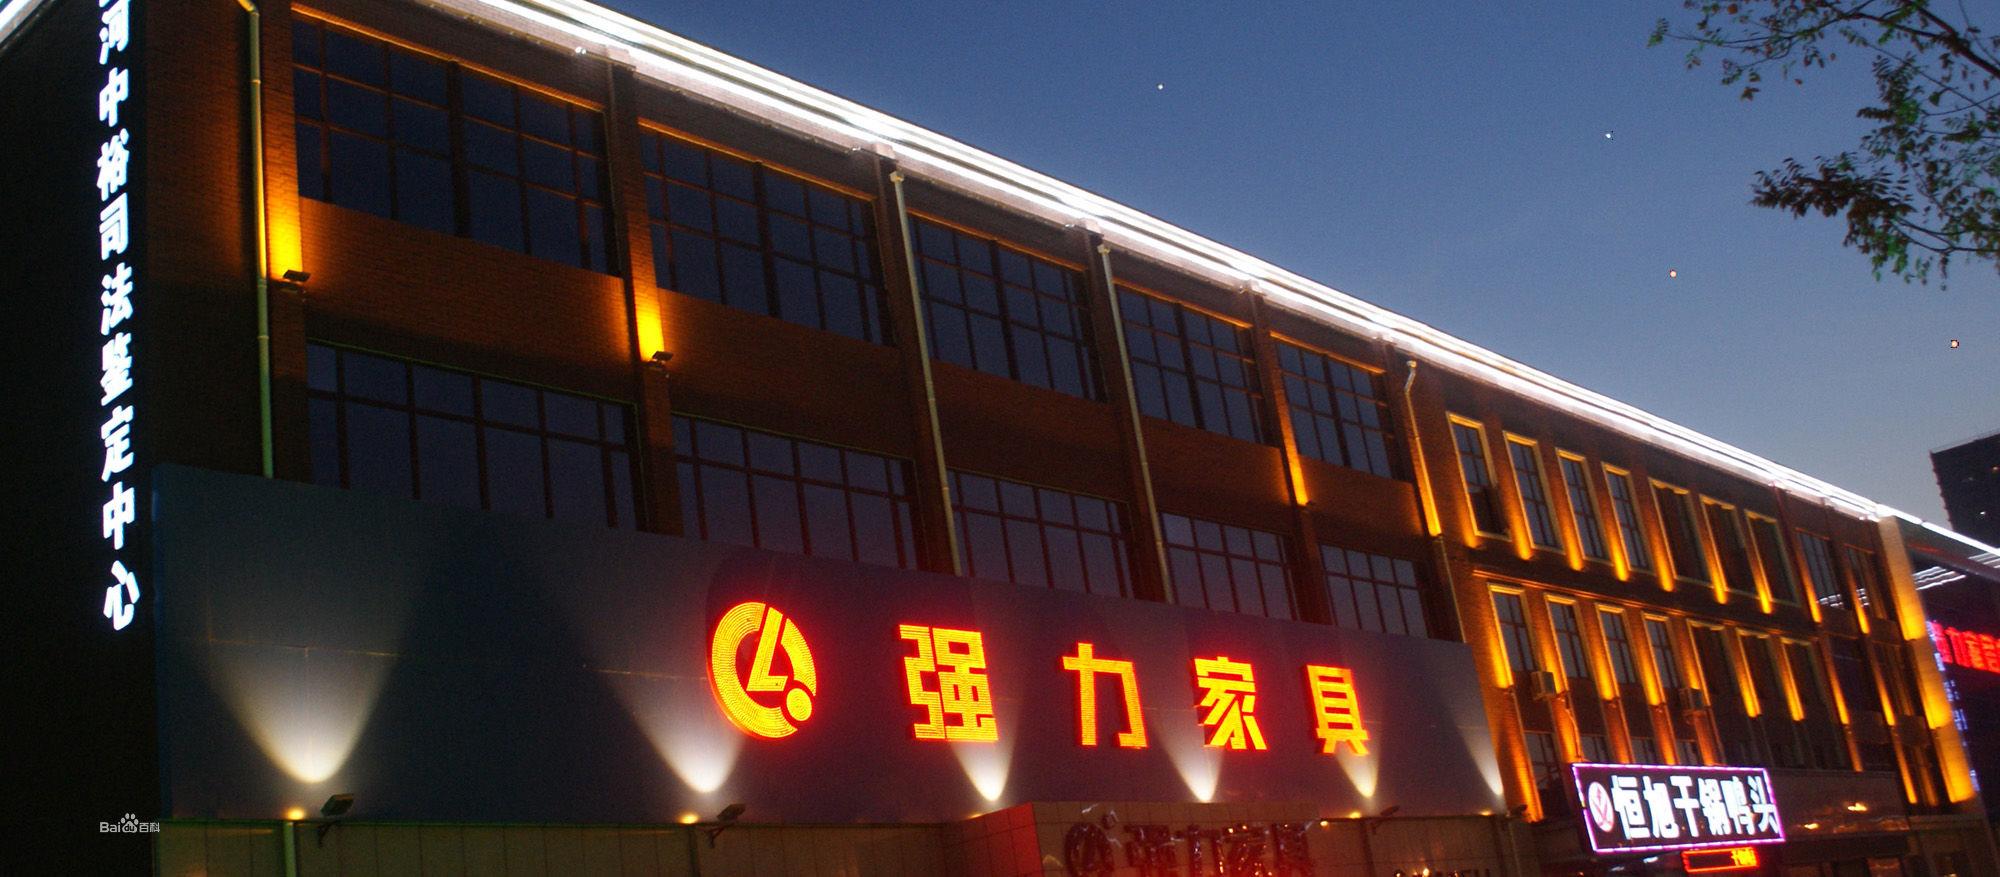 北京西城亮化工程公司北京西城亮化工程公司哪家好 北京楼宇亮化工程